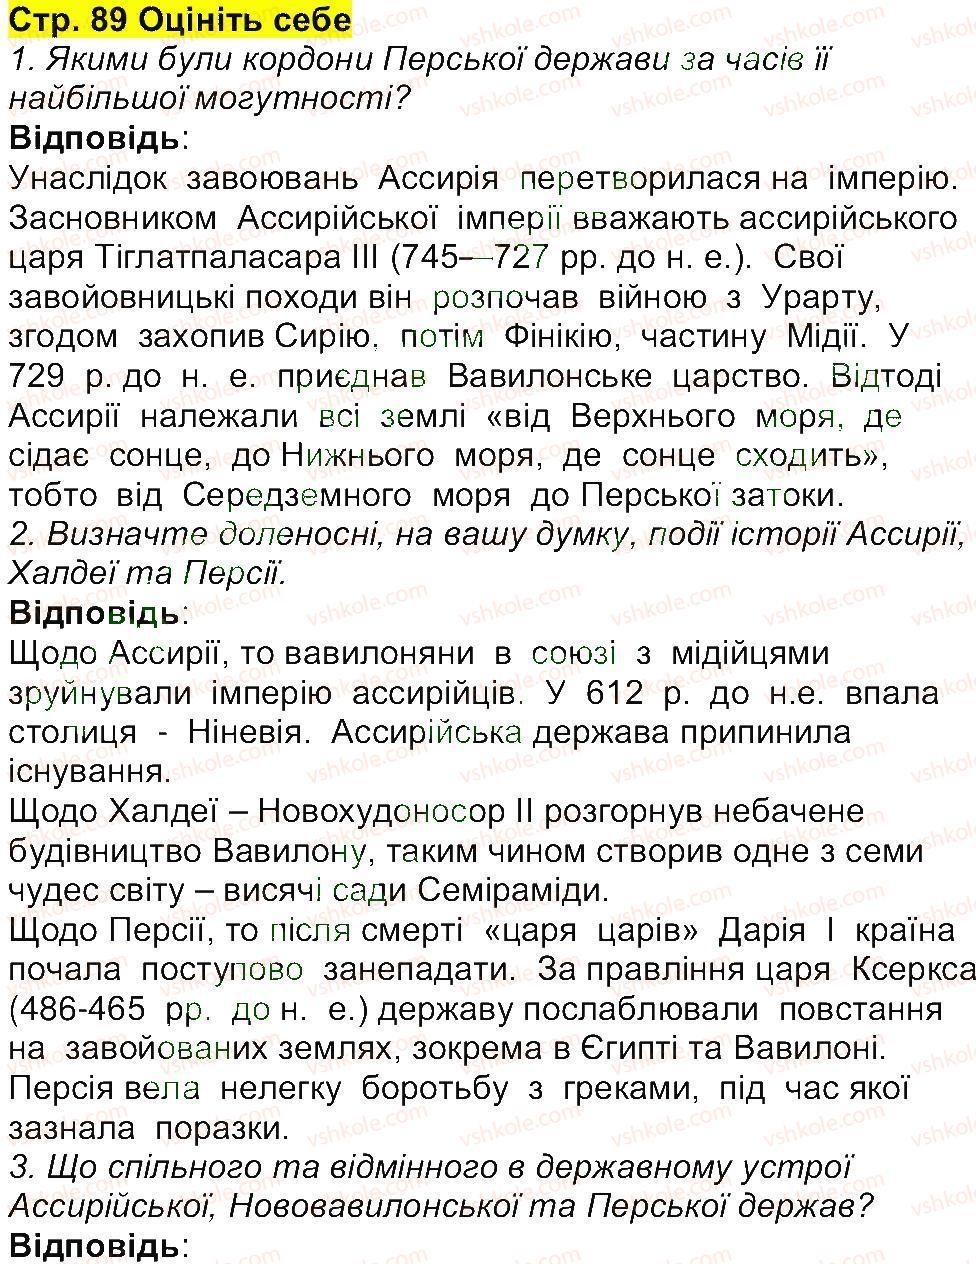 6-istoriya-og-bandrovskij-vs-vlasov-2014--storinki-72140-89.jpg